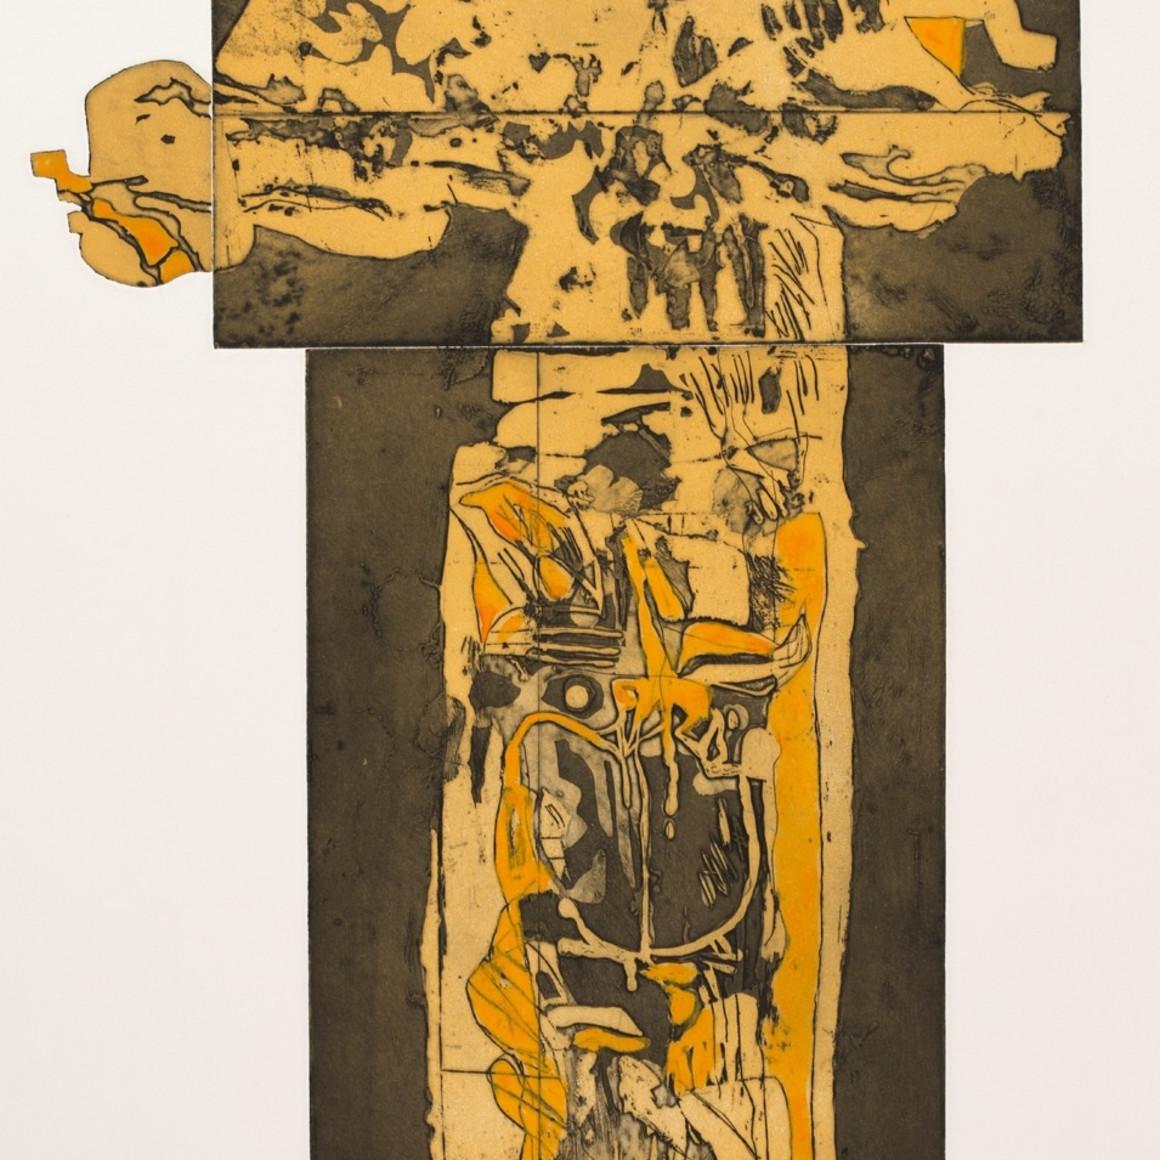 Dia al-Azzawi, Image No. 2, 1983